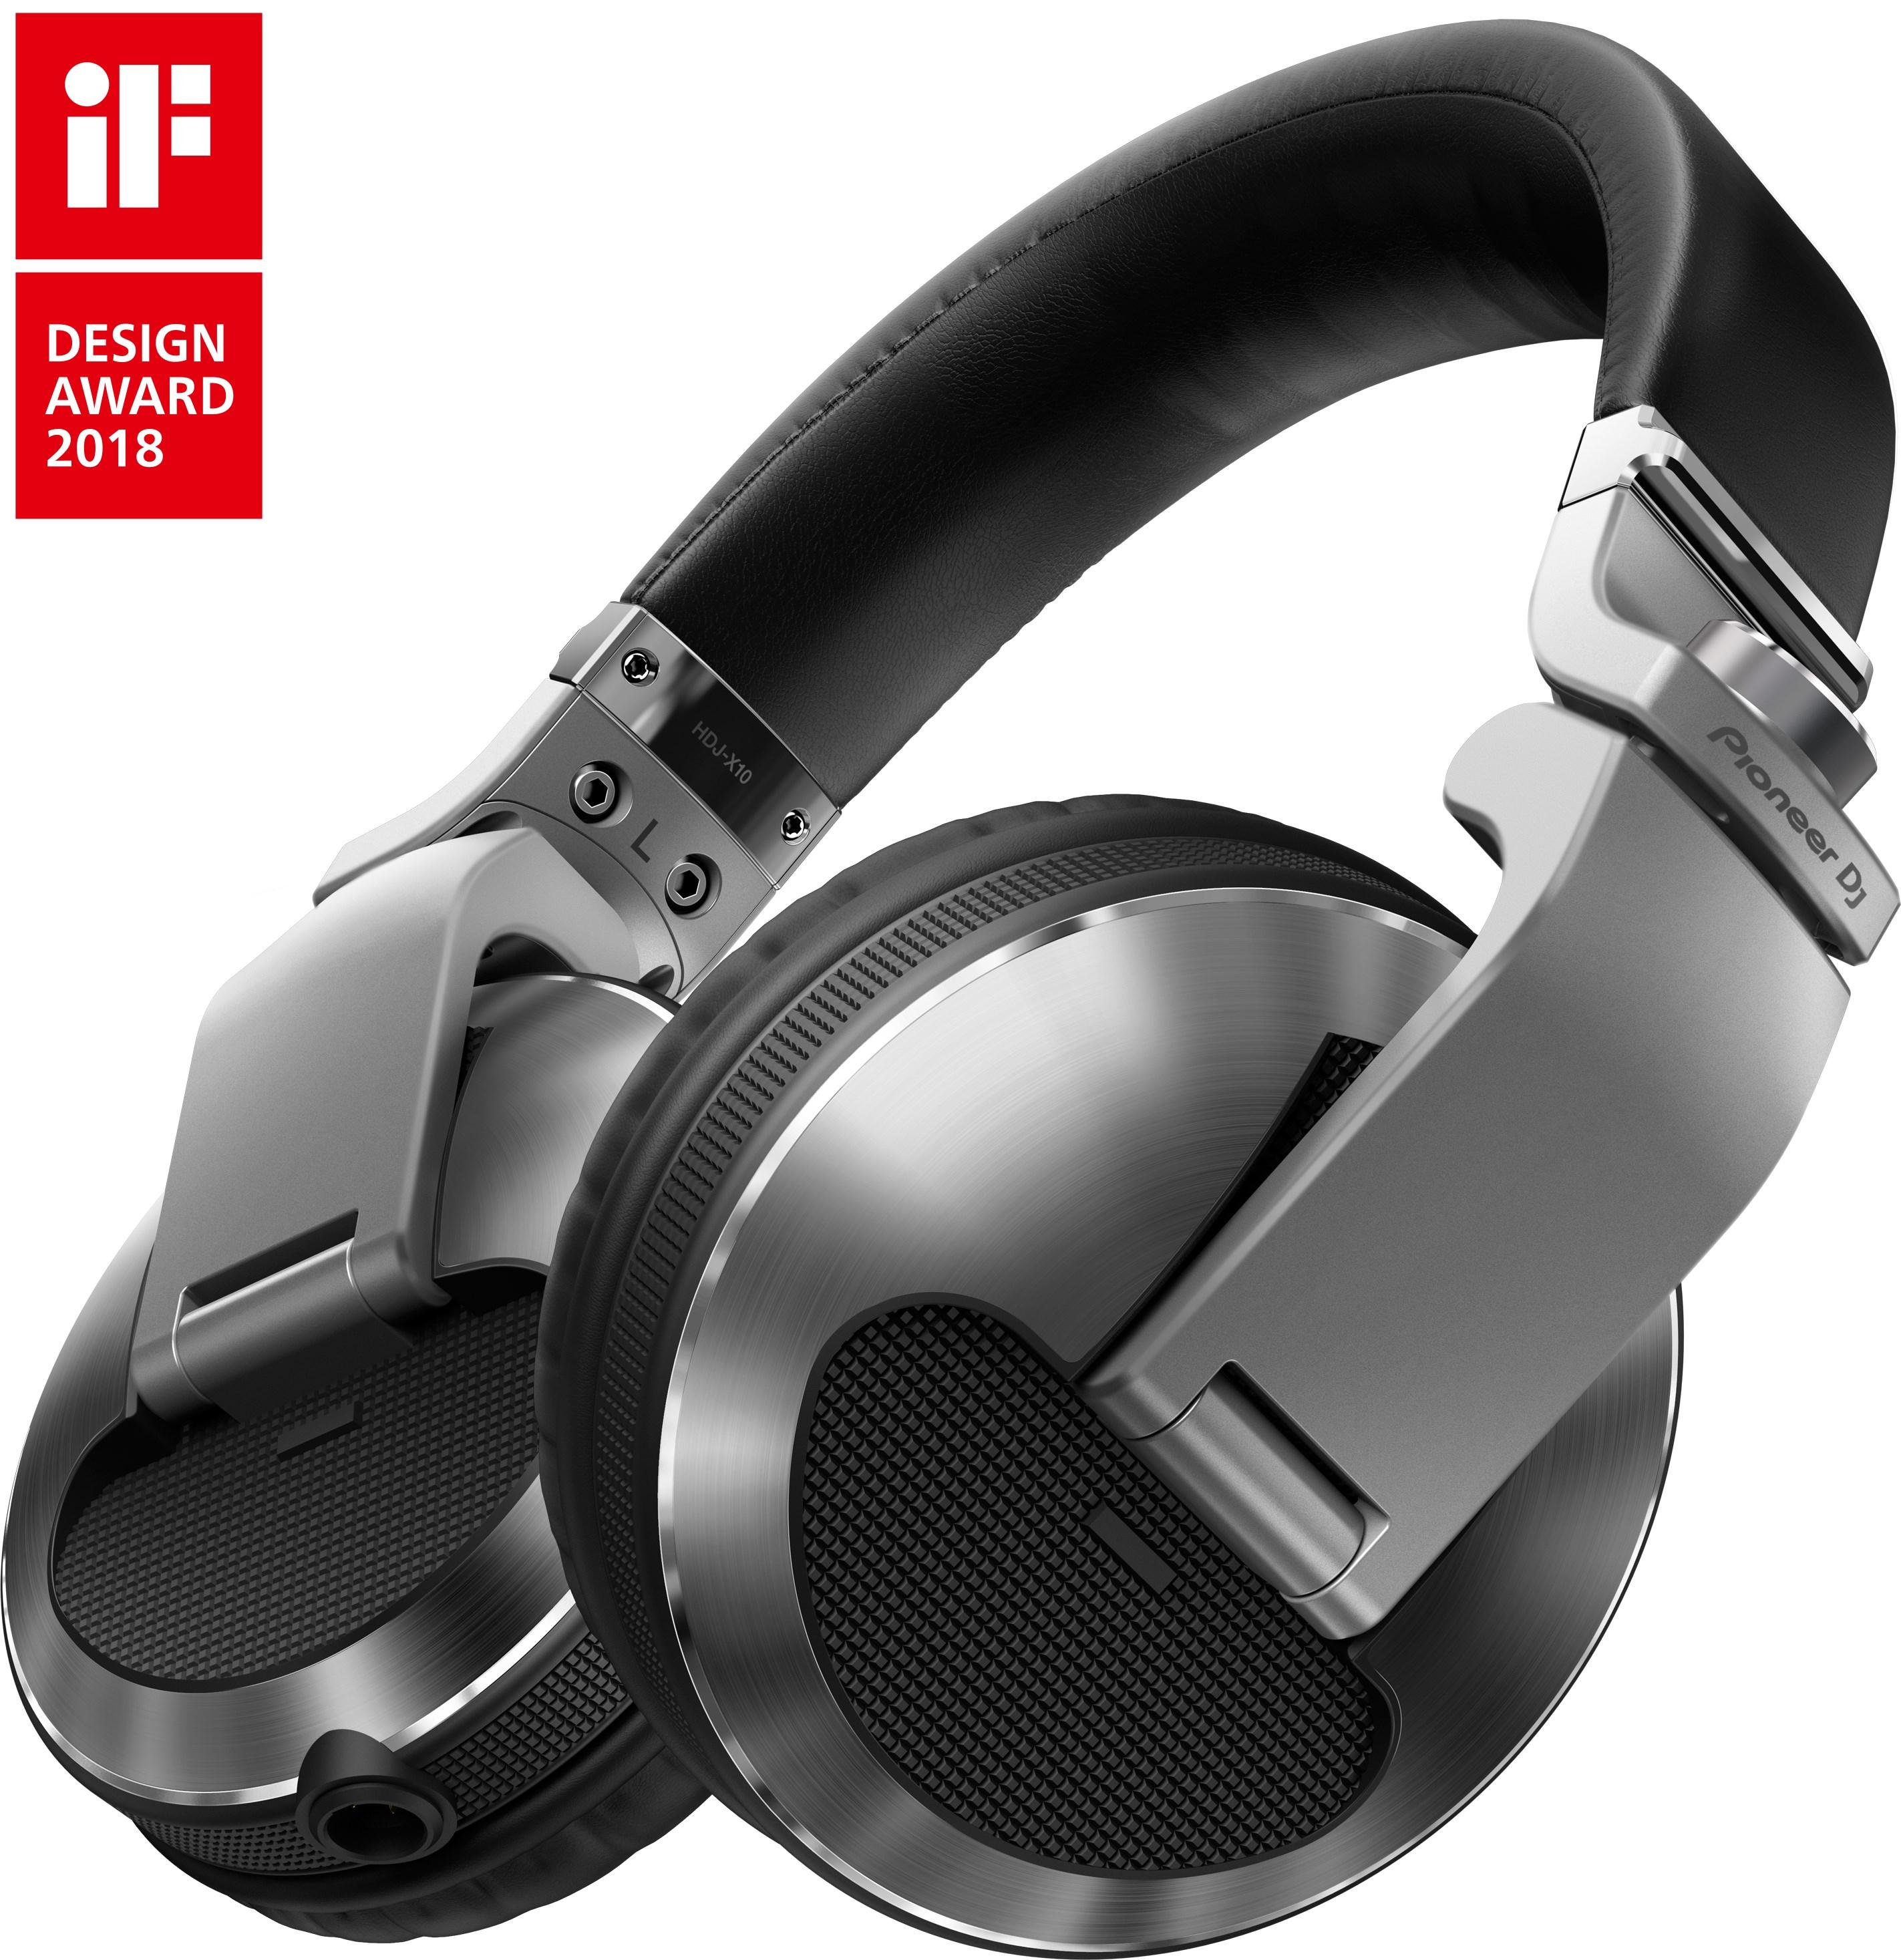 HDJ-X10